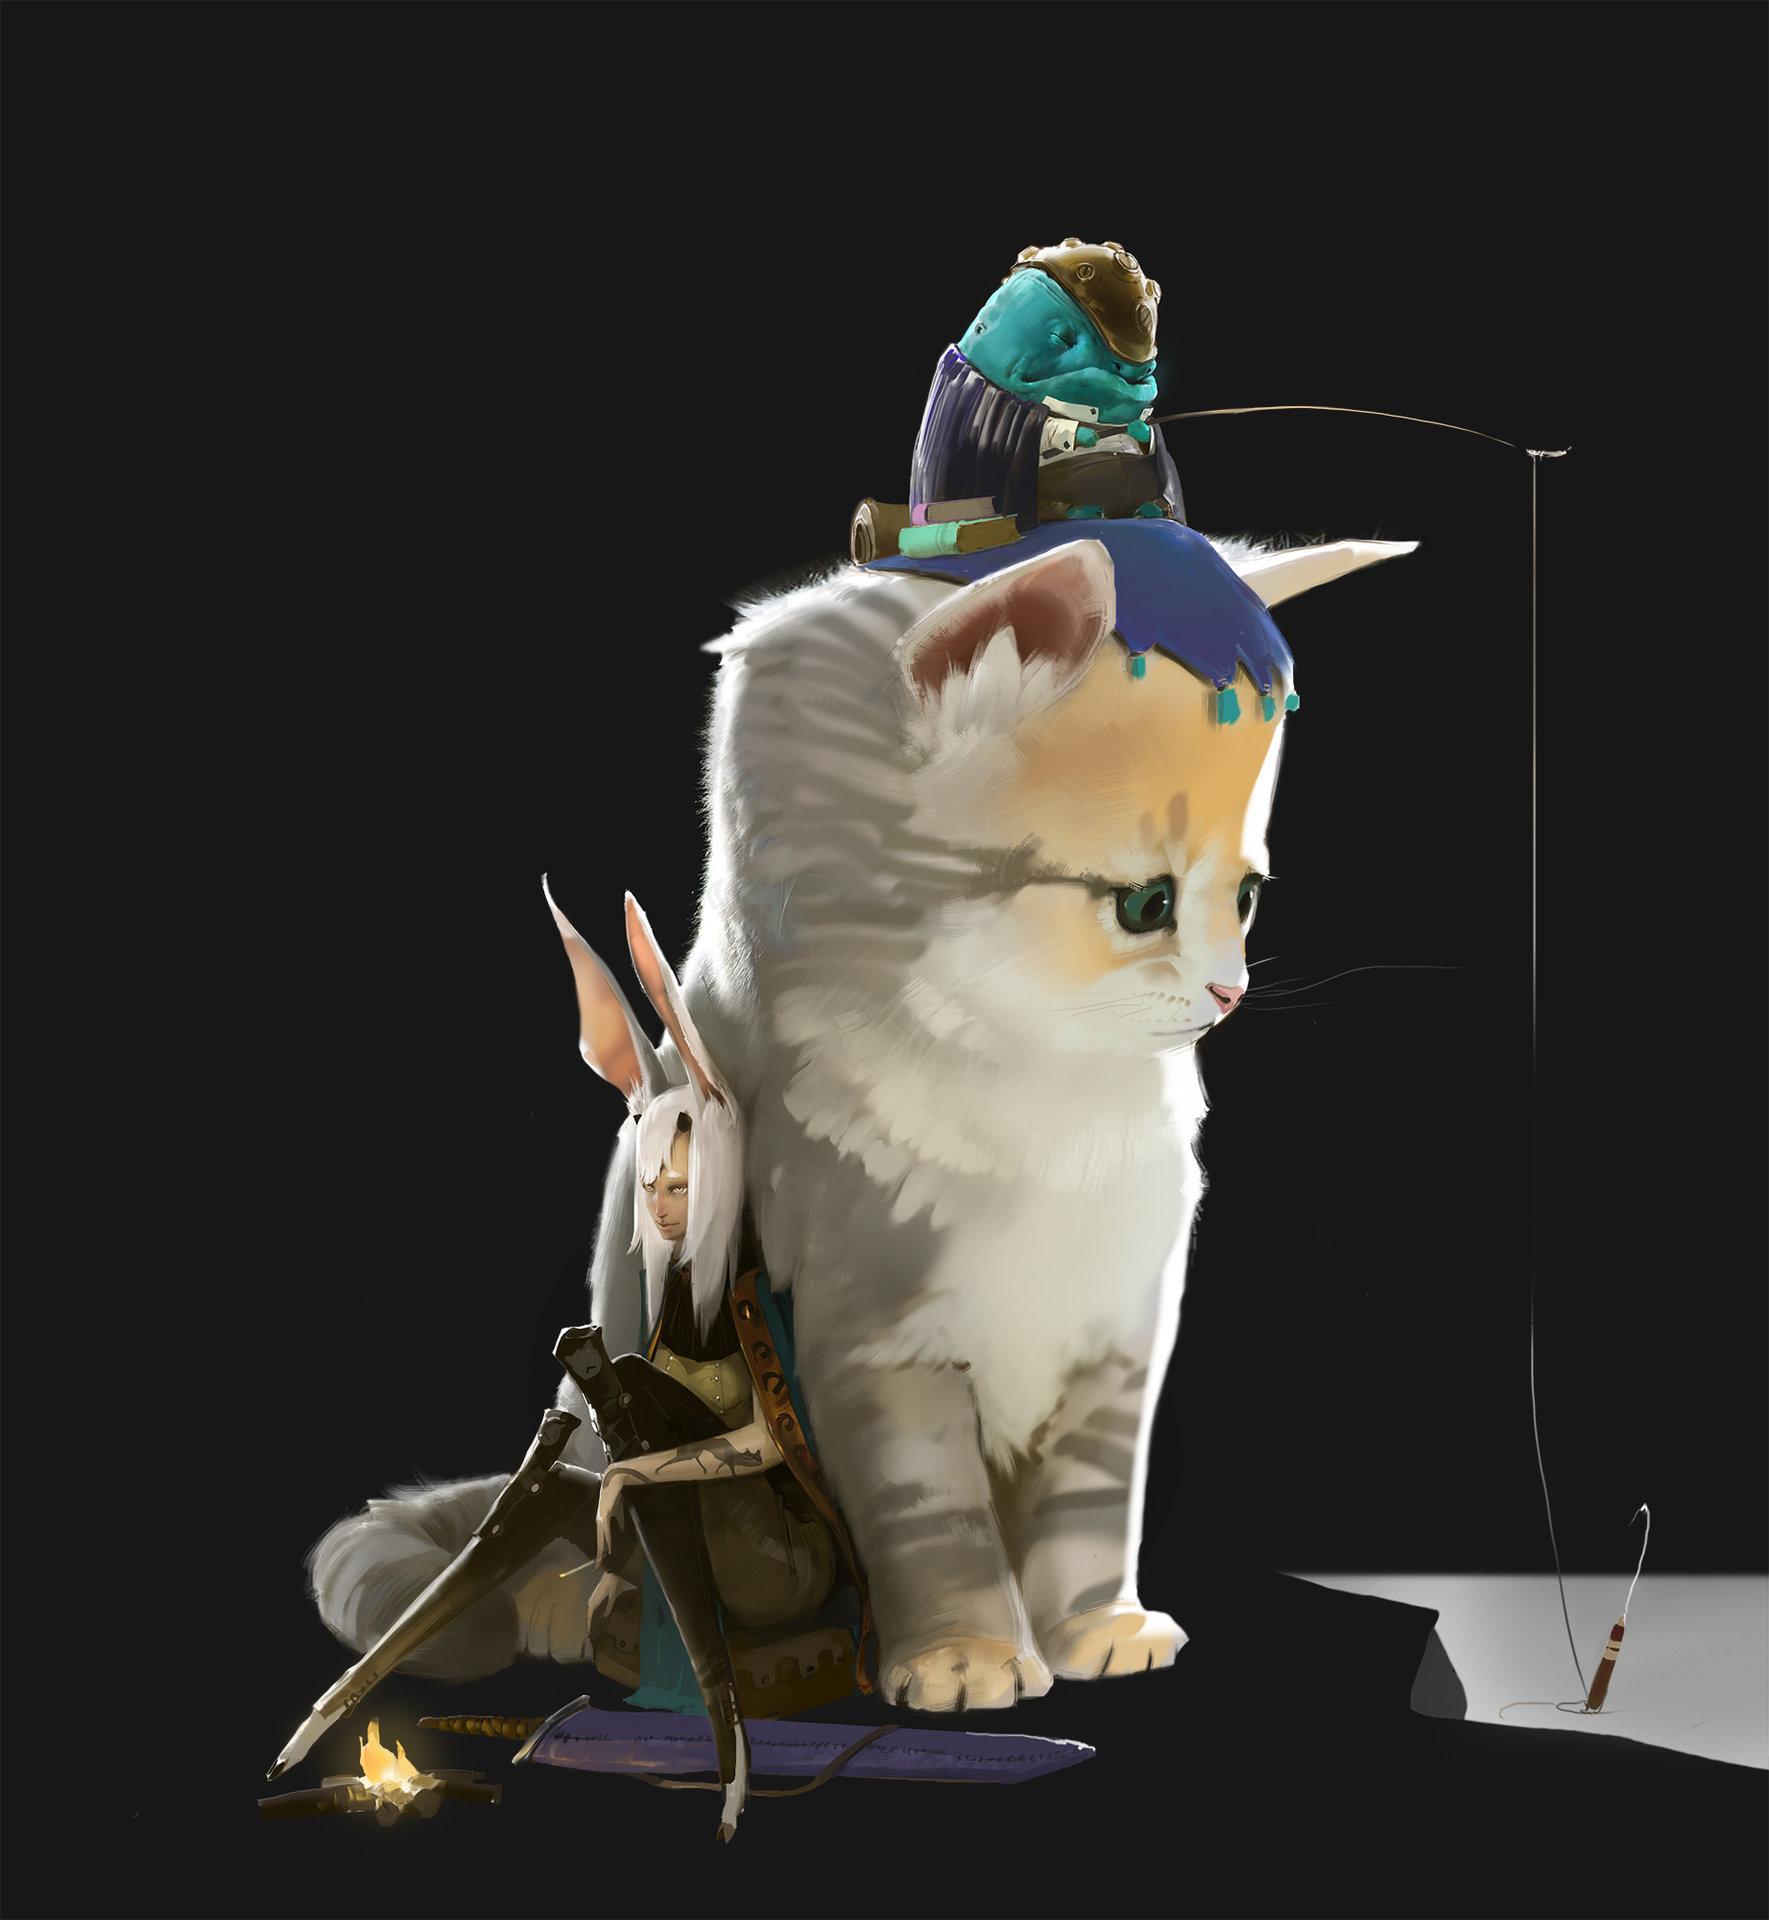 Mikhail rakhmatullin cat counter 4s